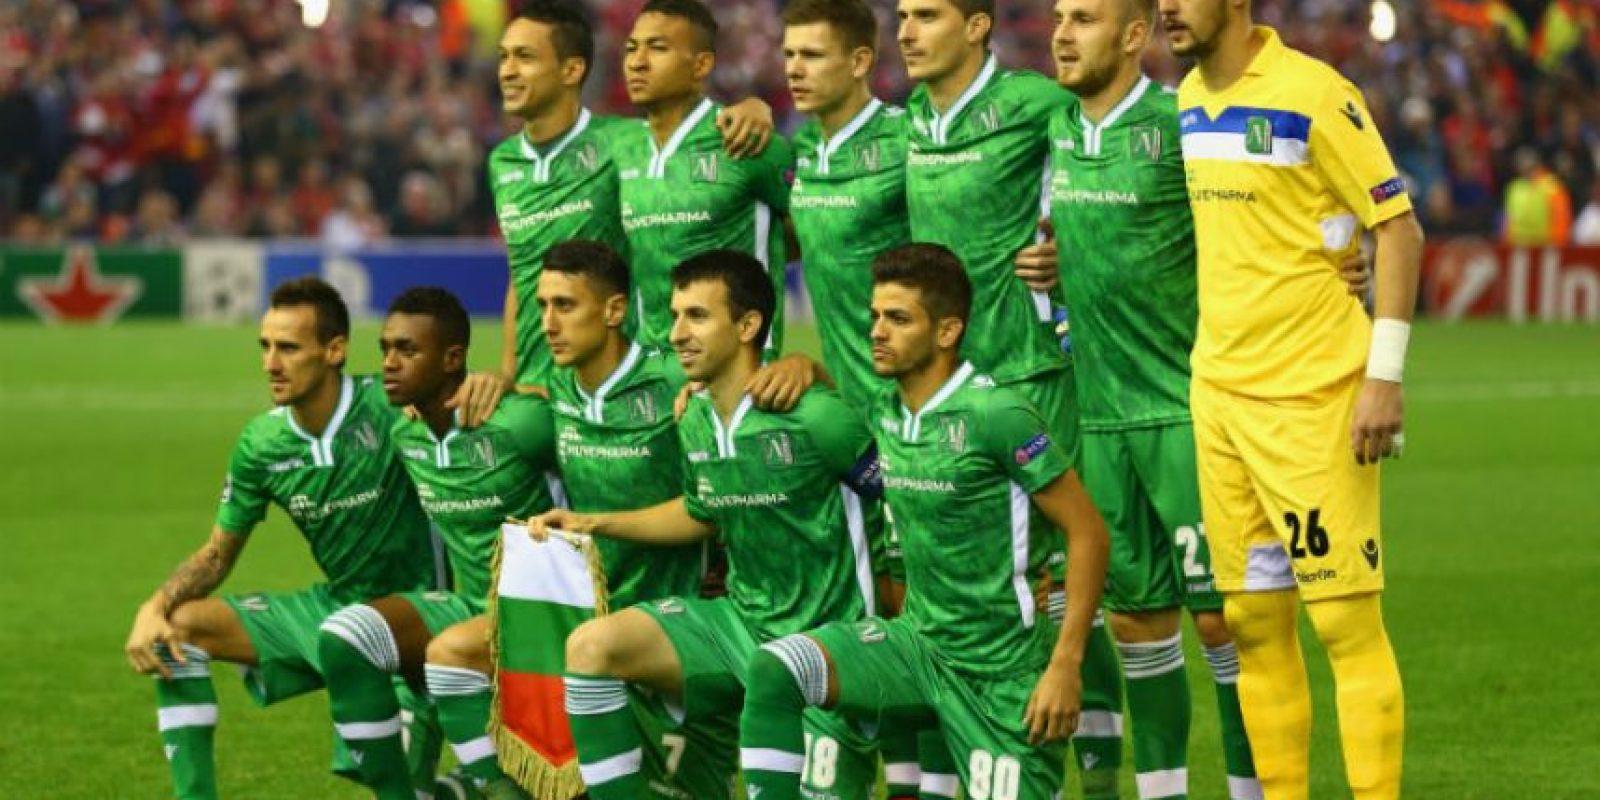 Ludogorets busca cerrar con un buen partido su actuación en la Champions Foto:Getty